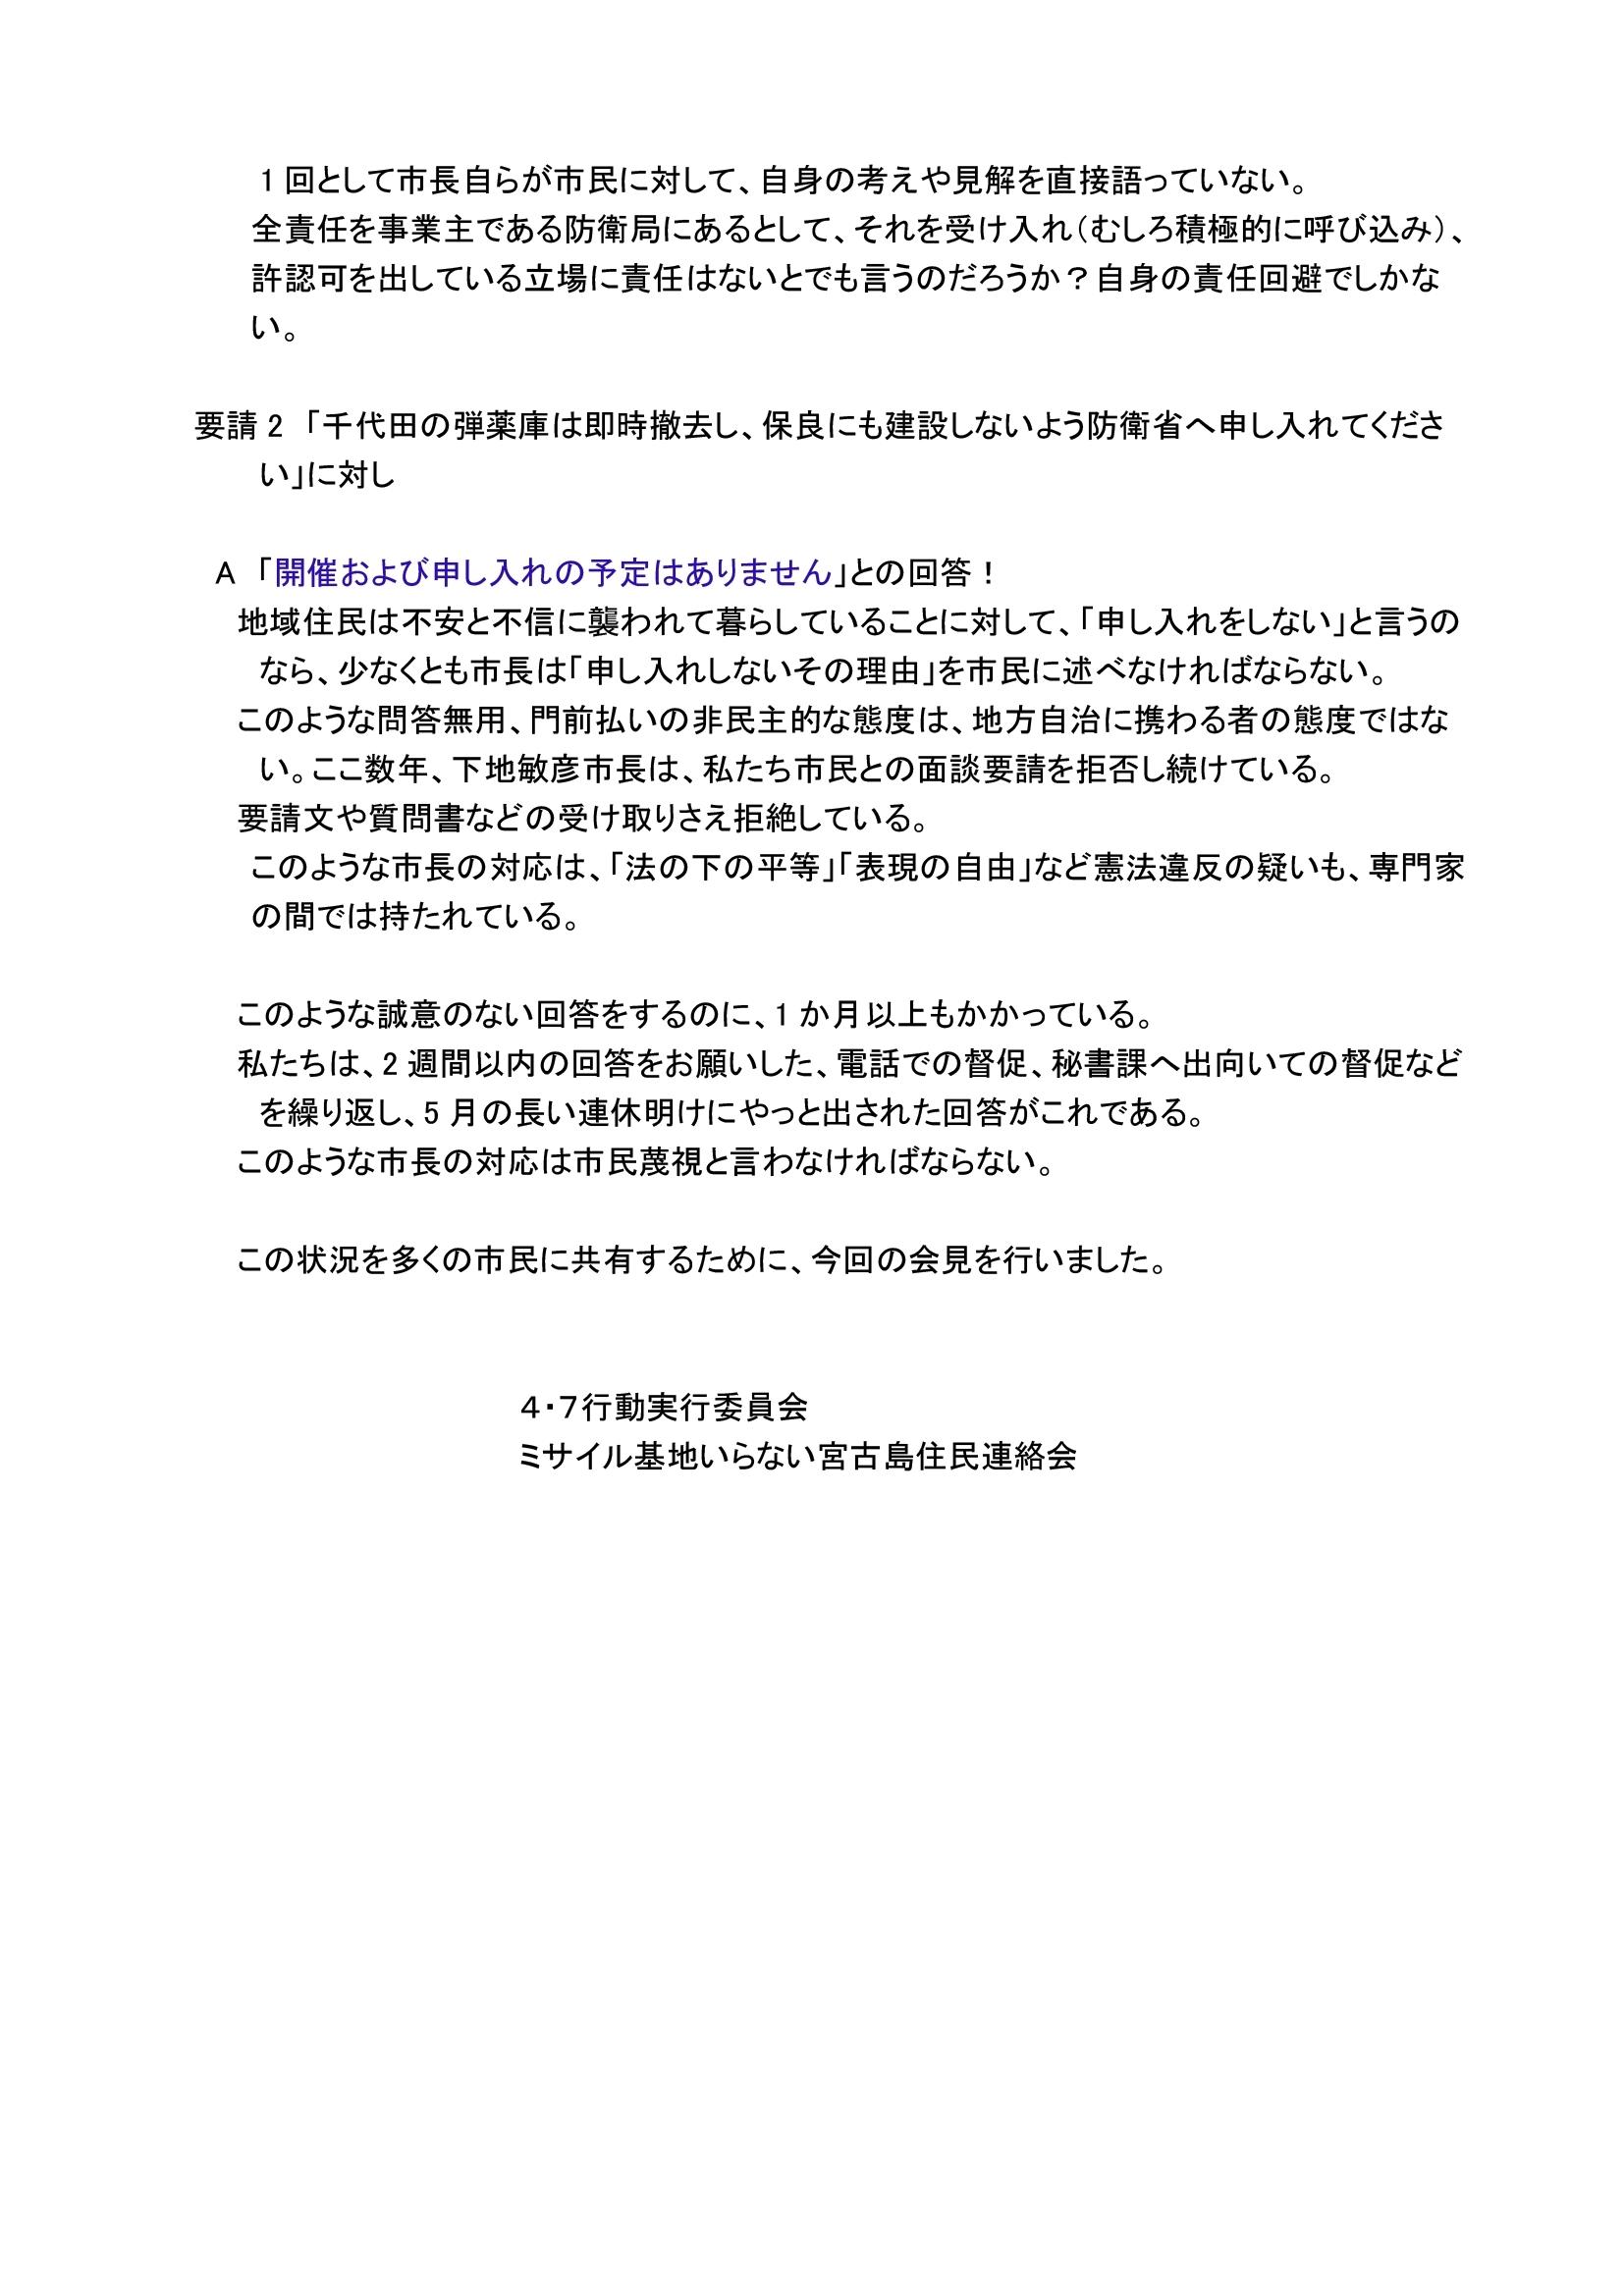 0516会見用資料【市長回答について)0002